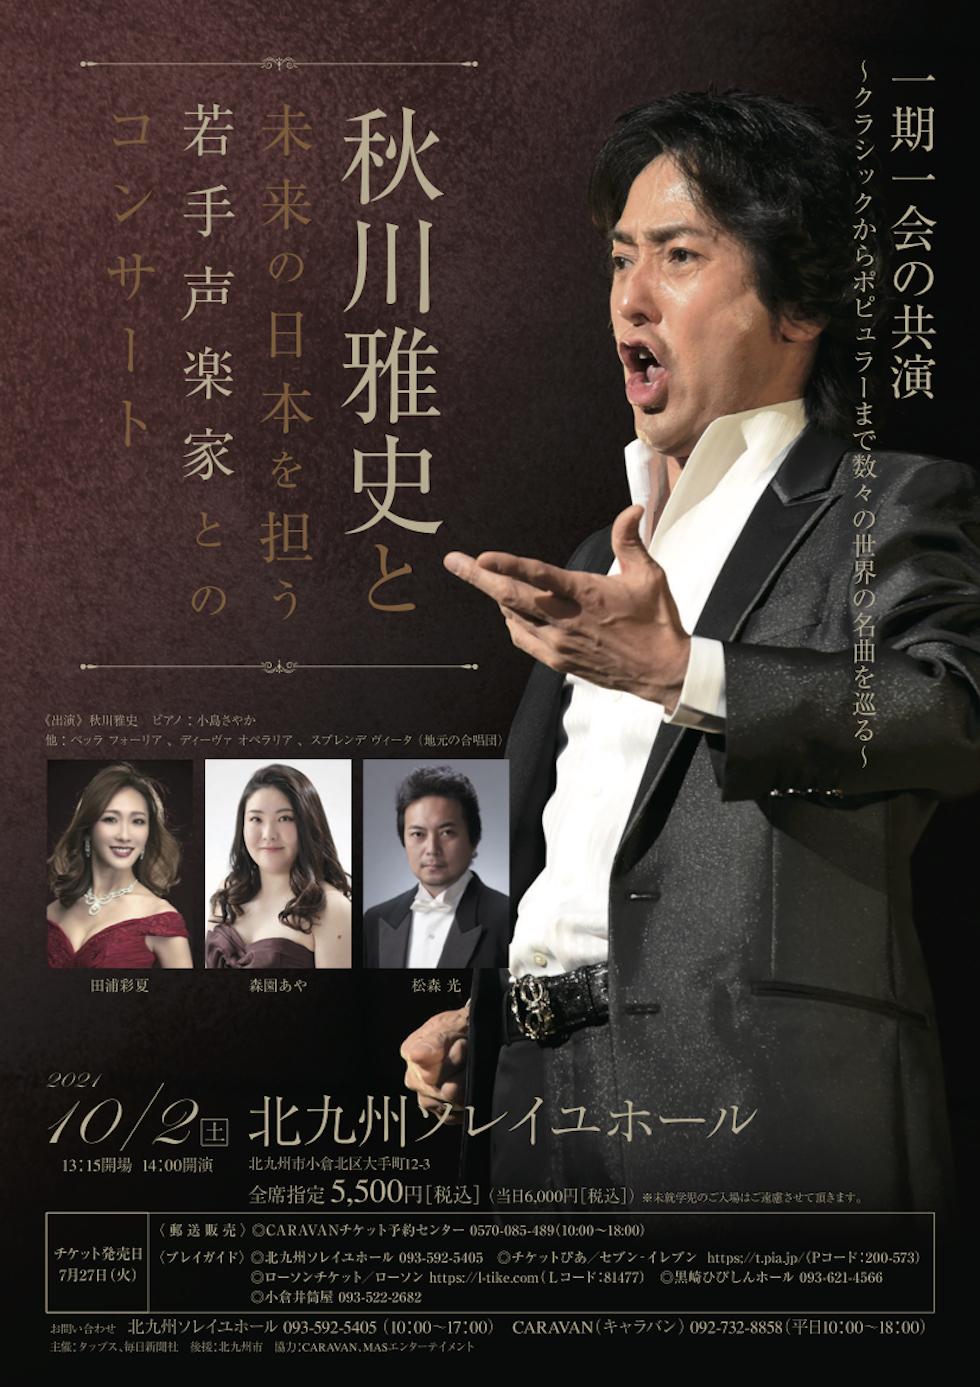 秋川雅史と未来の日本を担う若手声楽家とのコンサート 一期一会の共演 ~クラシックからポピュラーまで数々の世界の名曲を巡る~